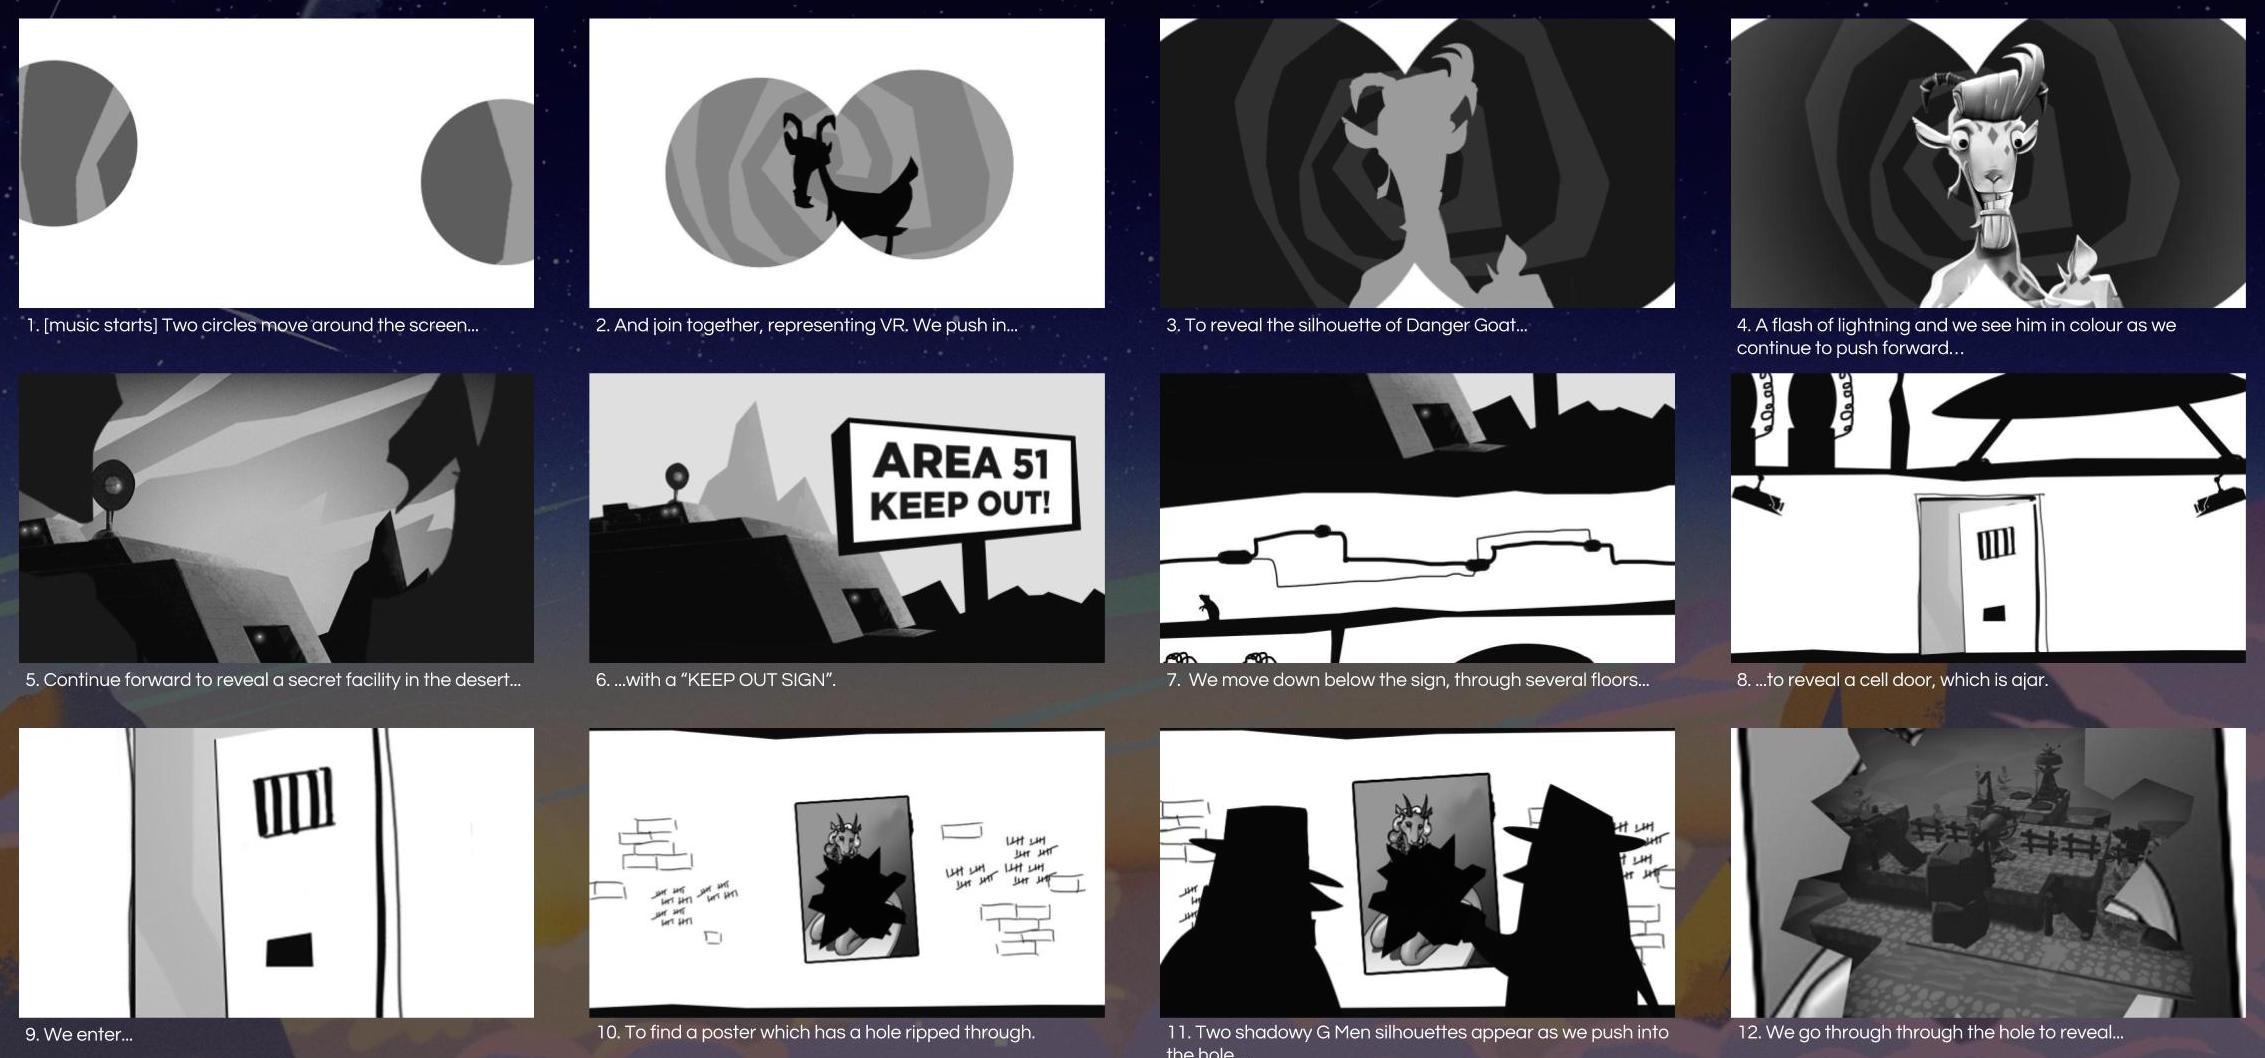 DangerGoat_Trailer_Storyboards.jpg